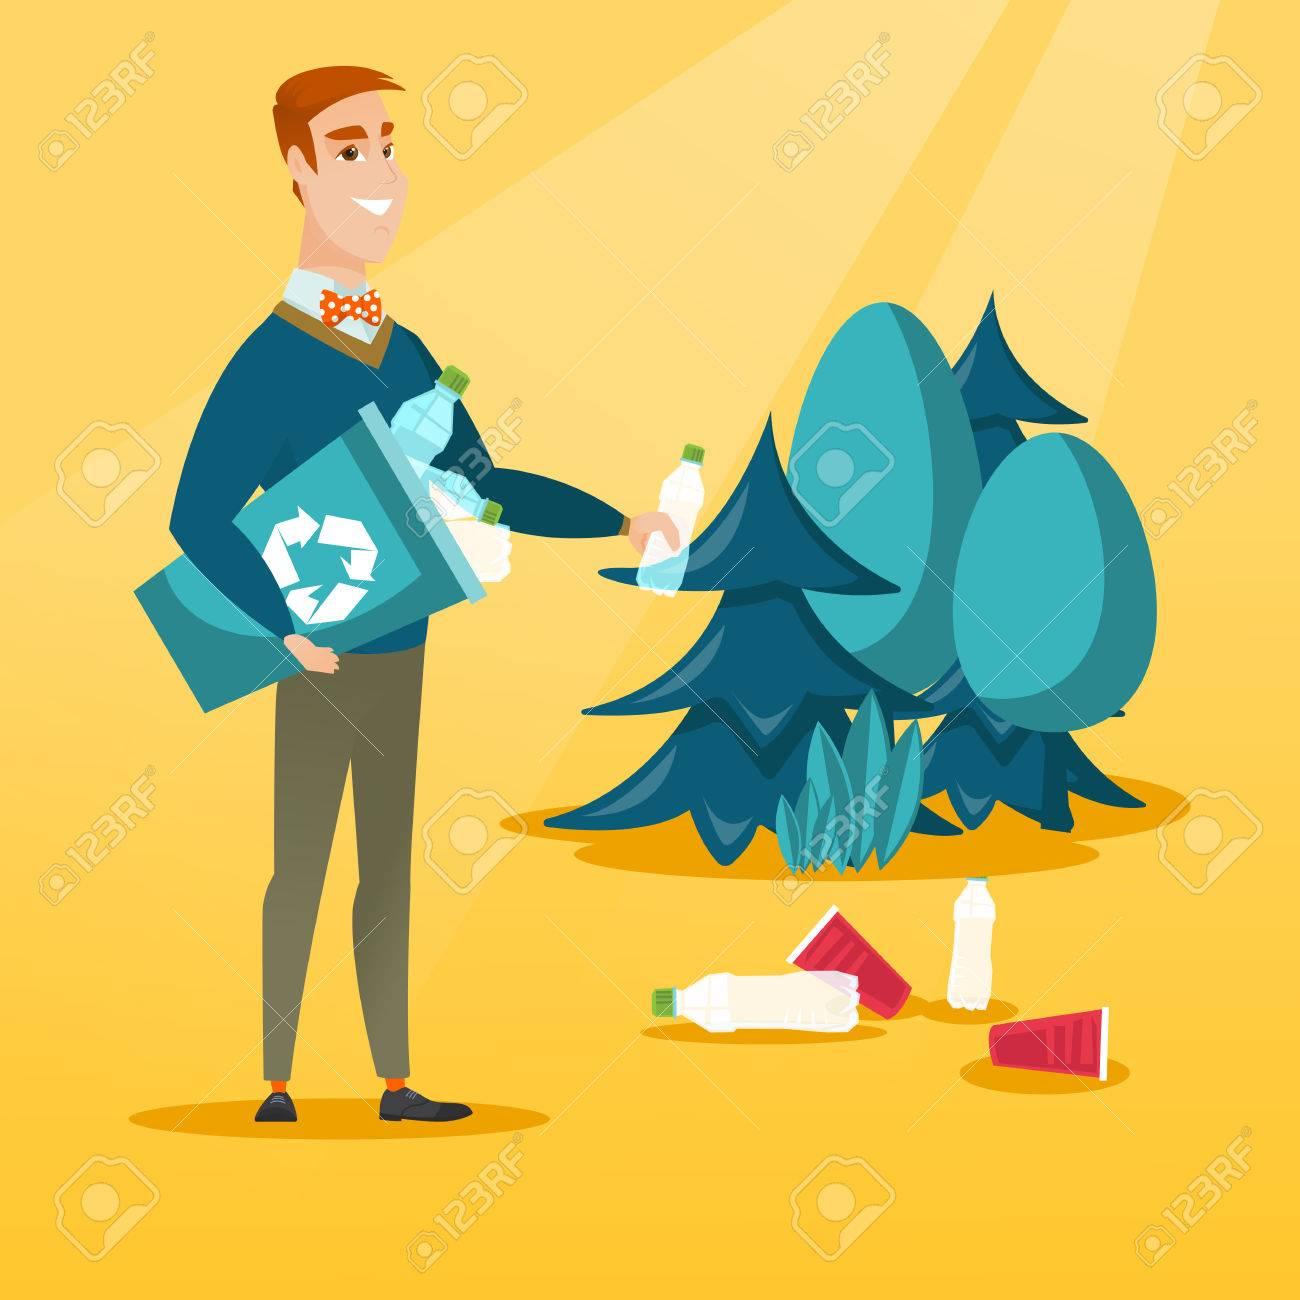 Hombre caucásico recogiendo basura en papelera de reciclaje. Hombre feliz con papelera de reciclaje en la mano recogiendo botellas de plástico usadas